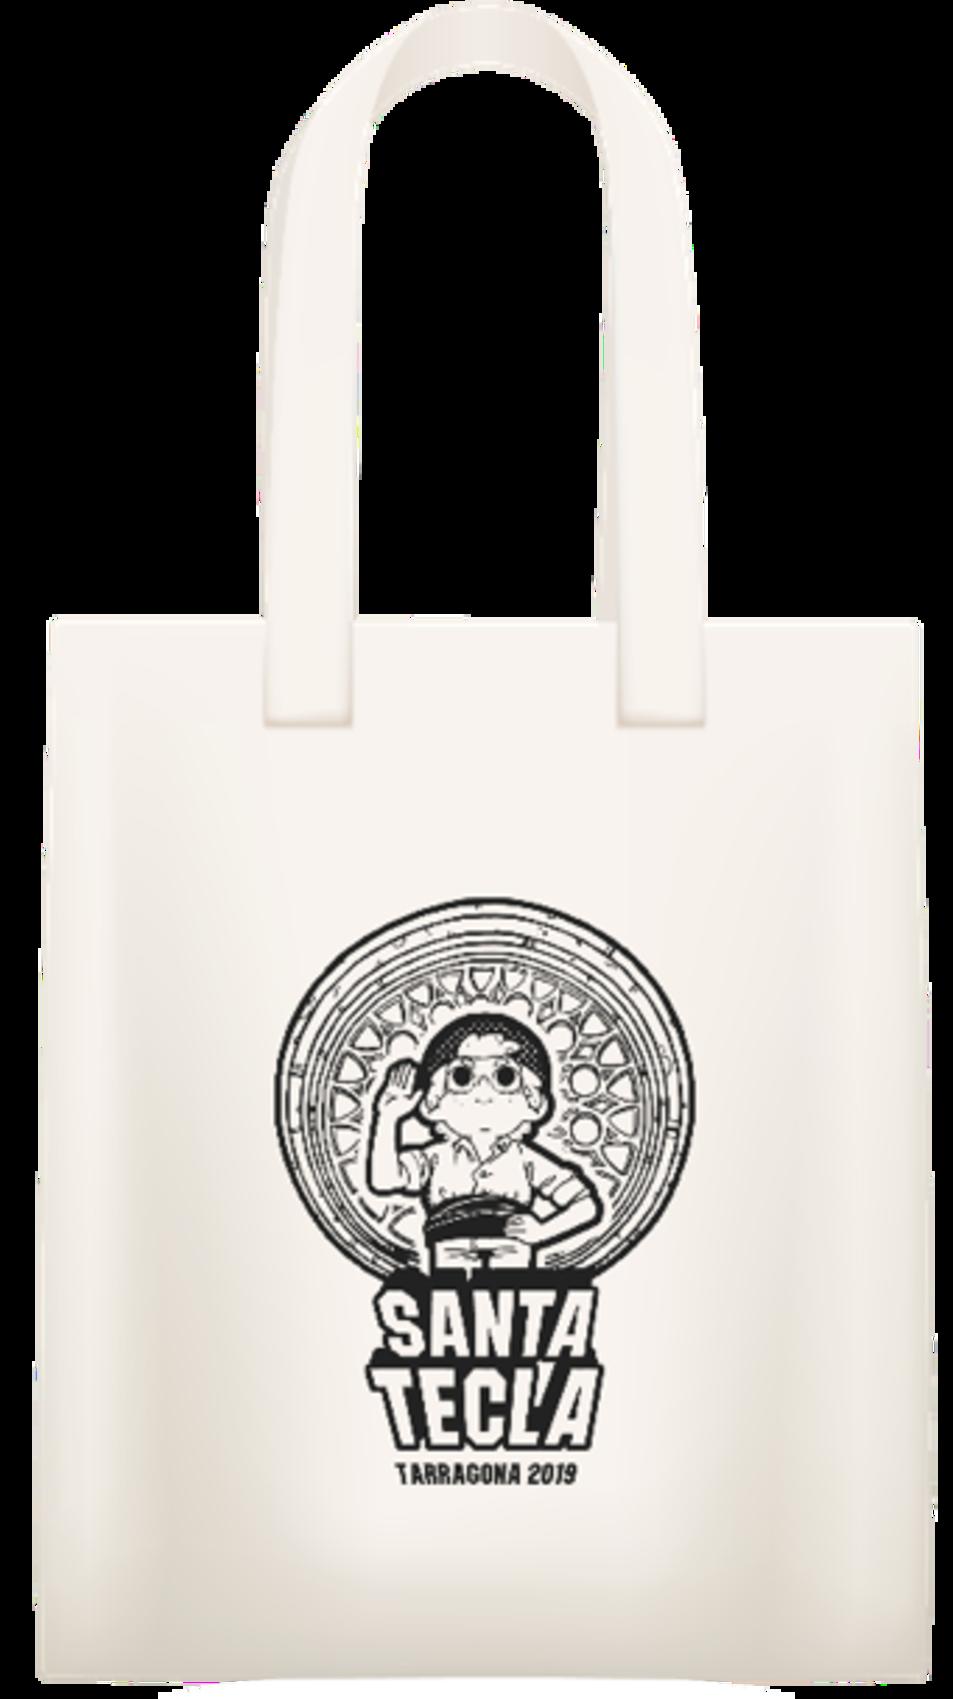 Imatge de la tote bag de Santa Tecla 2019.